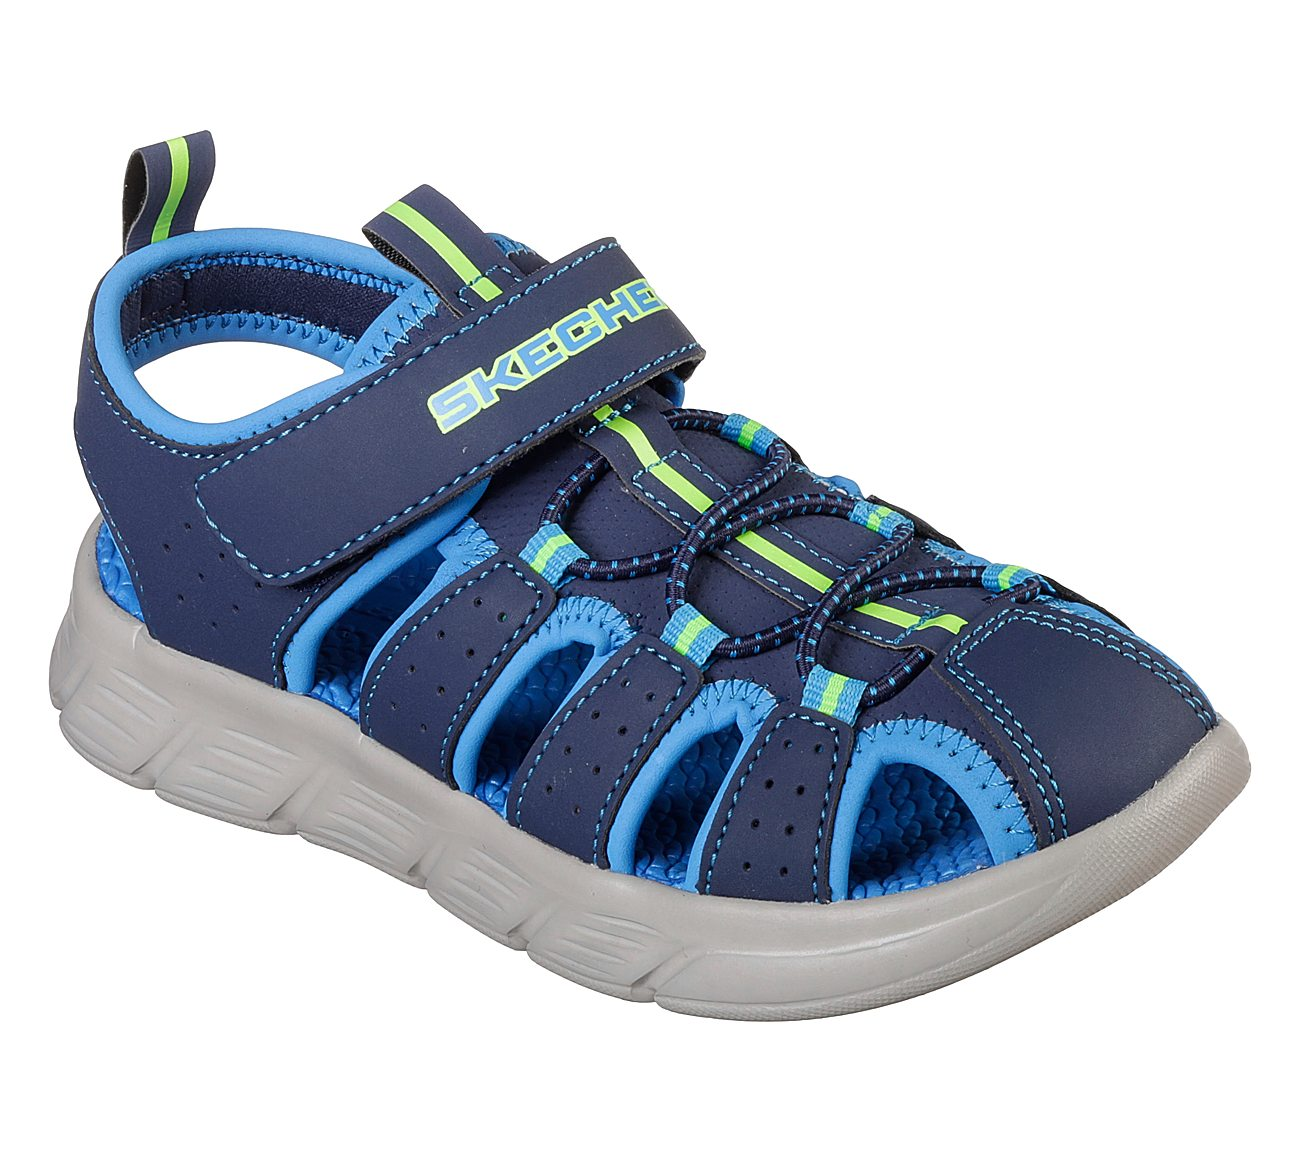 95102066c8e9 Buy SKECHERS C-Flex Sandal Comfort Sandals Shoes only  33.00